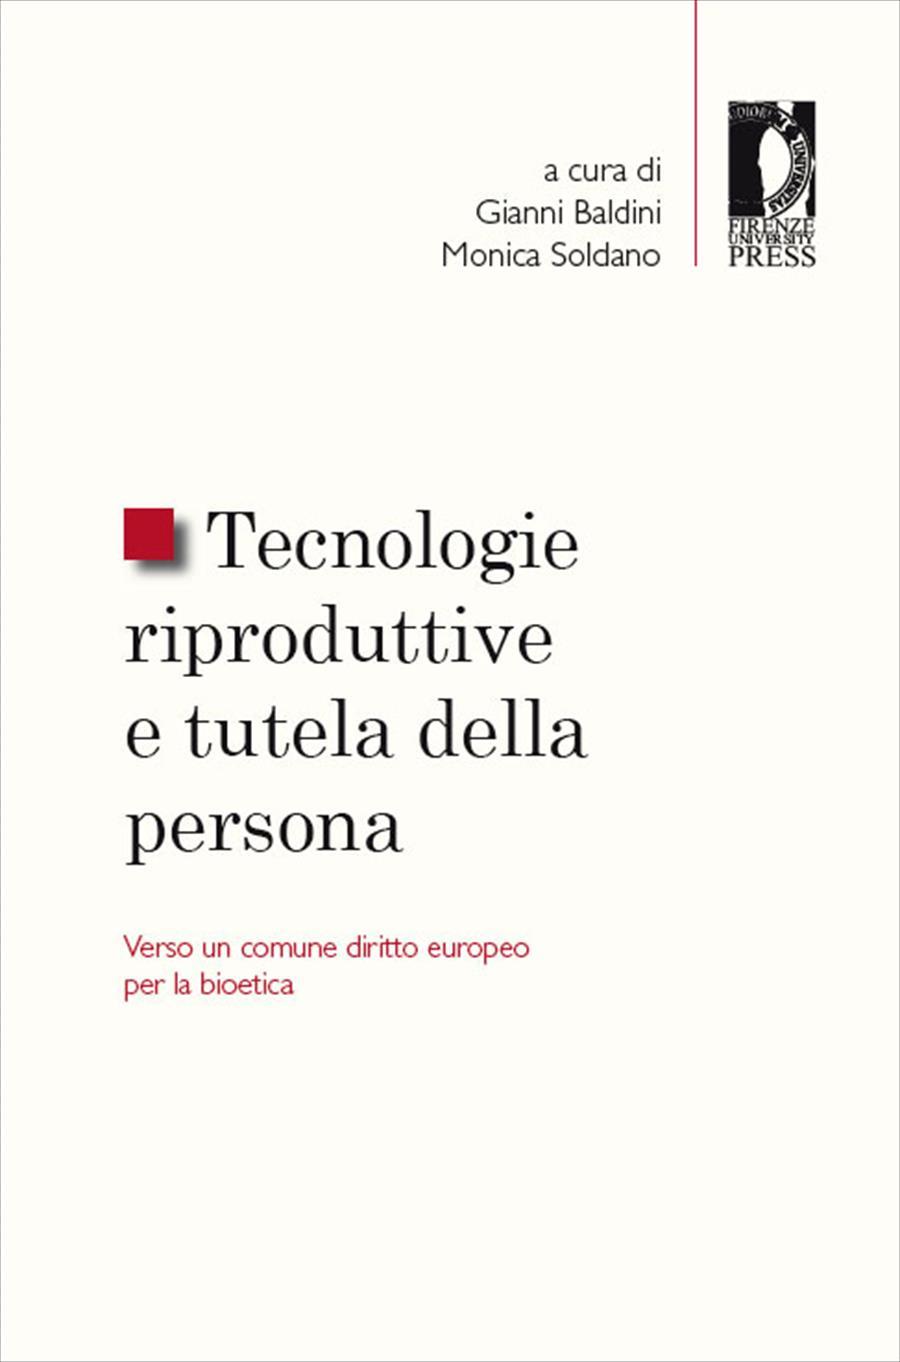 Tecnologie riproduttive e  tutela della persona